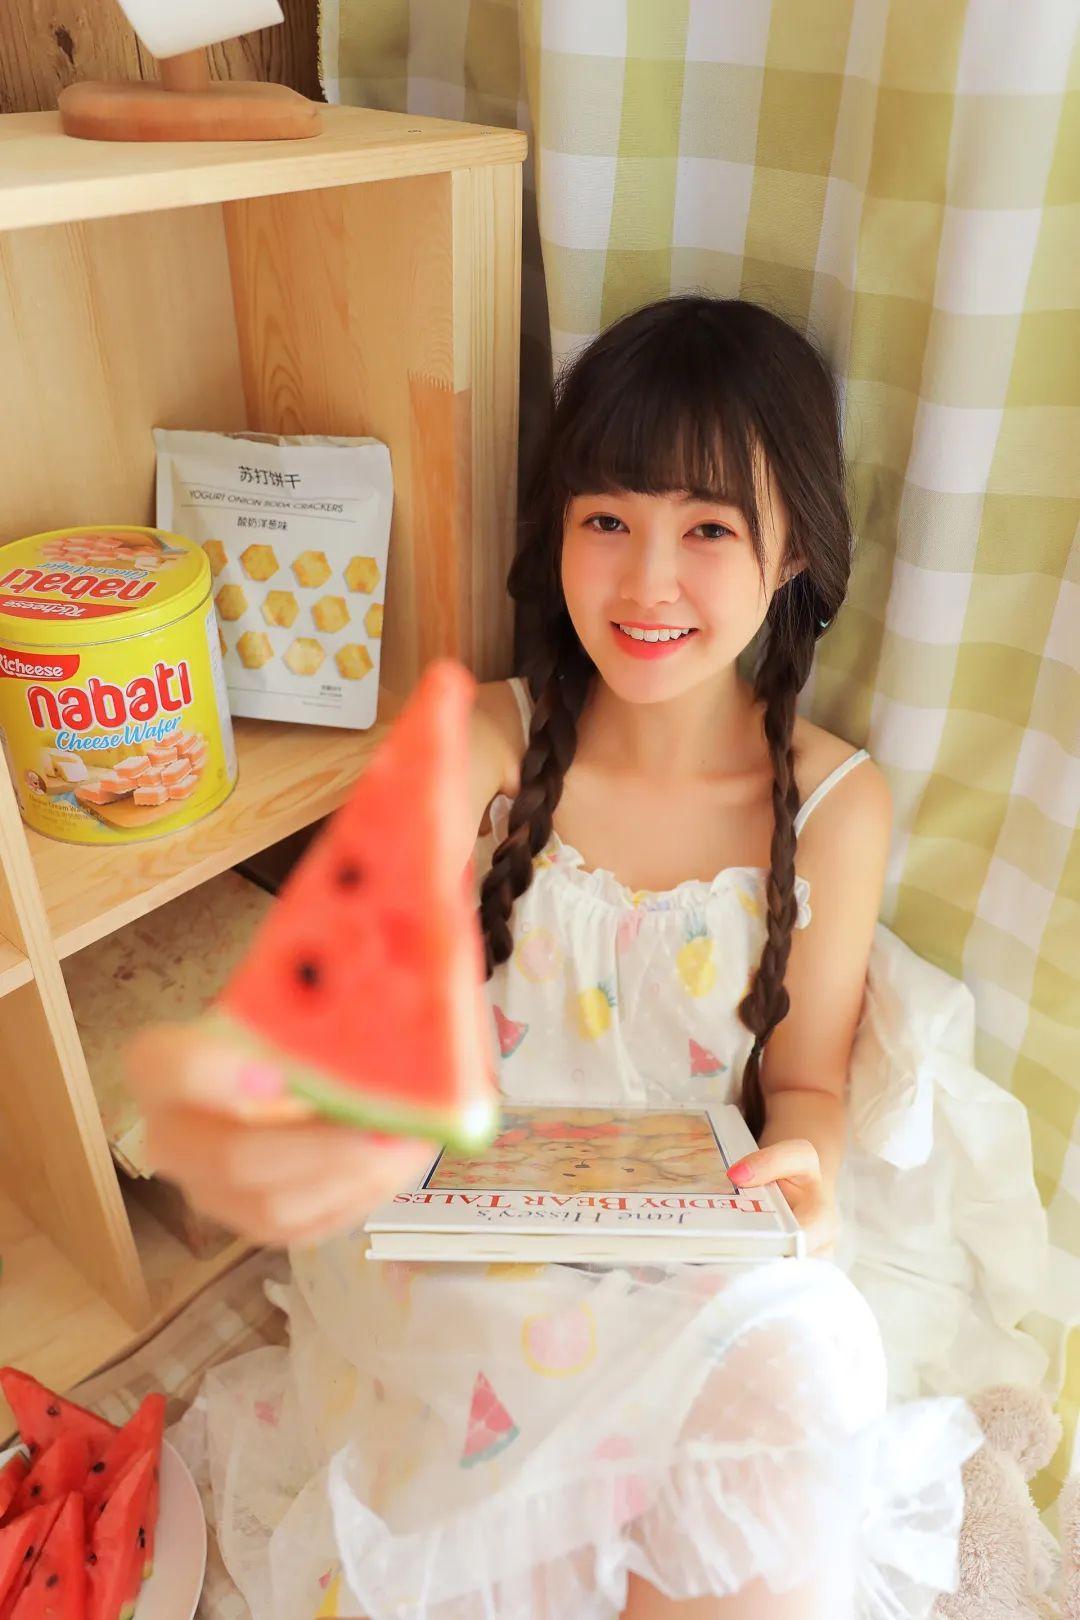 妹子摄影 – 甜美连衣裙双马尾少女吃西瓜_图片 No.8